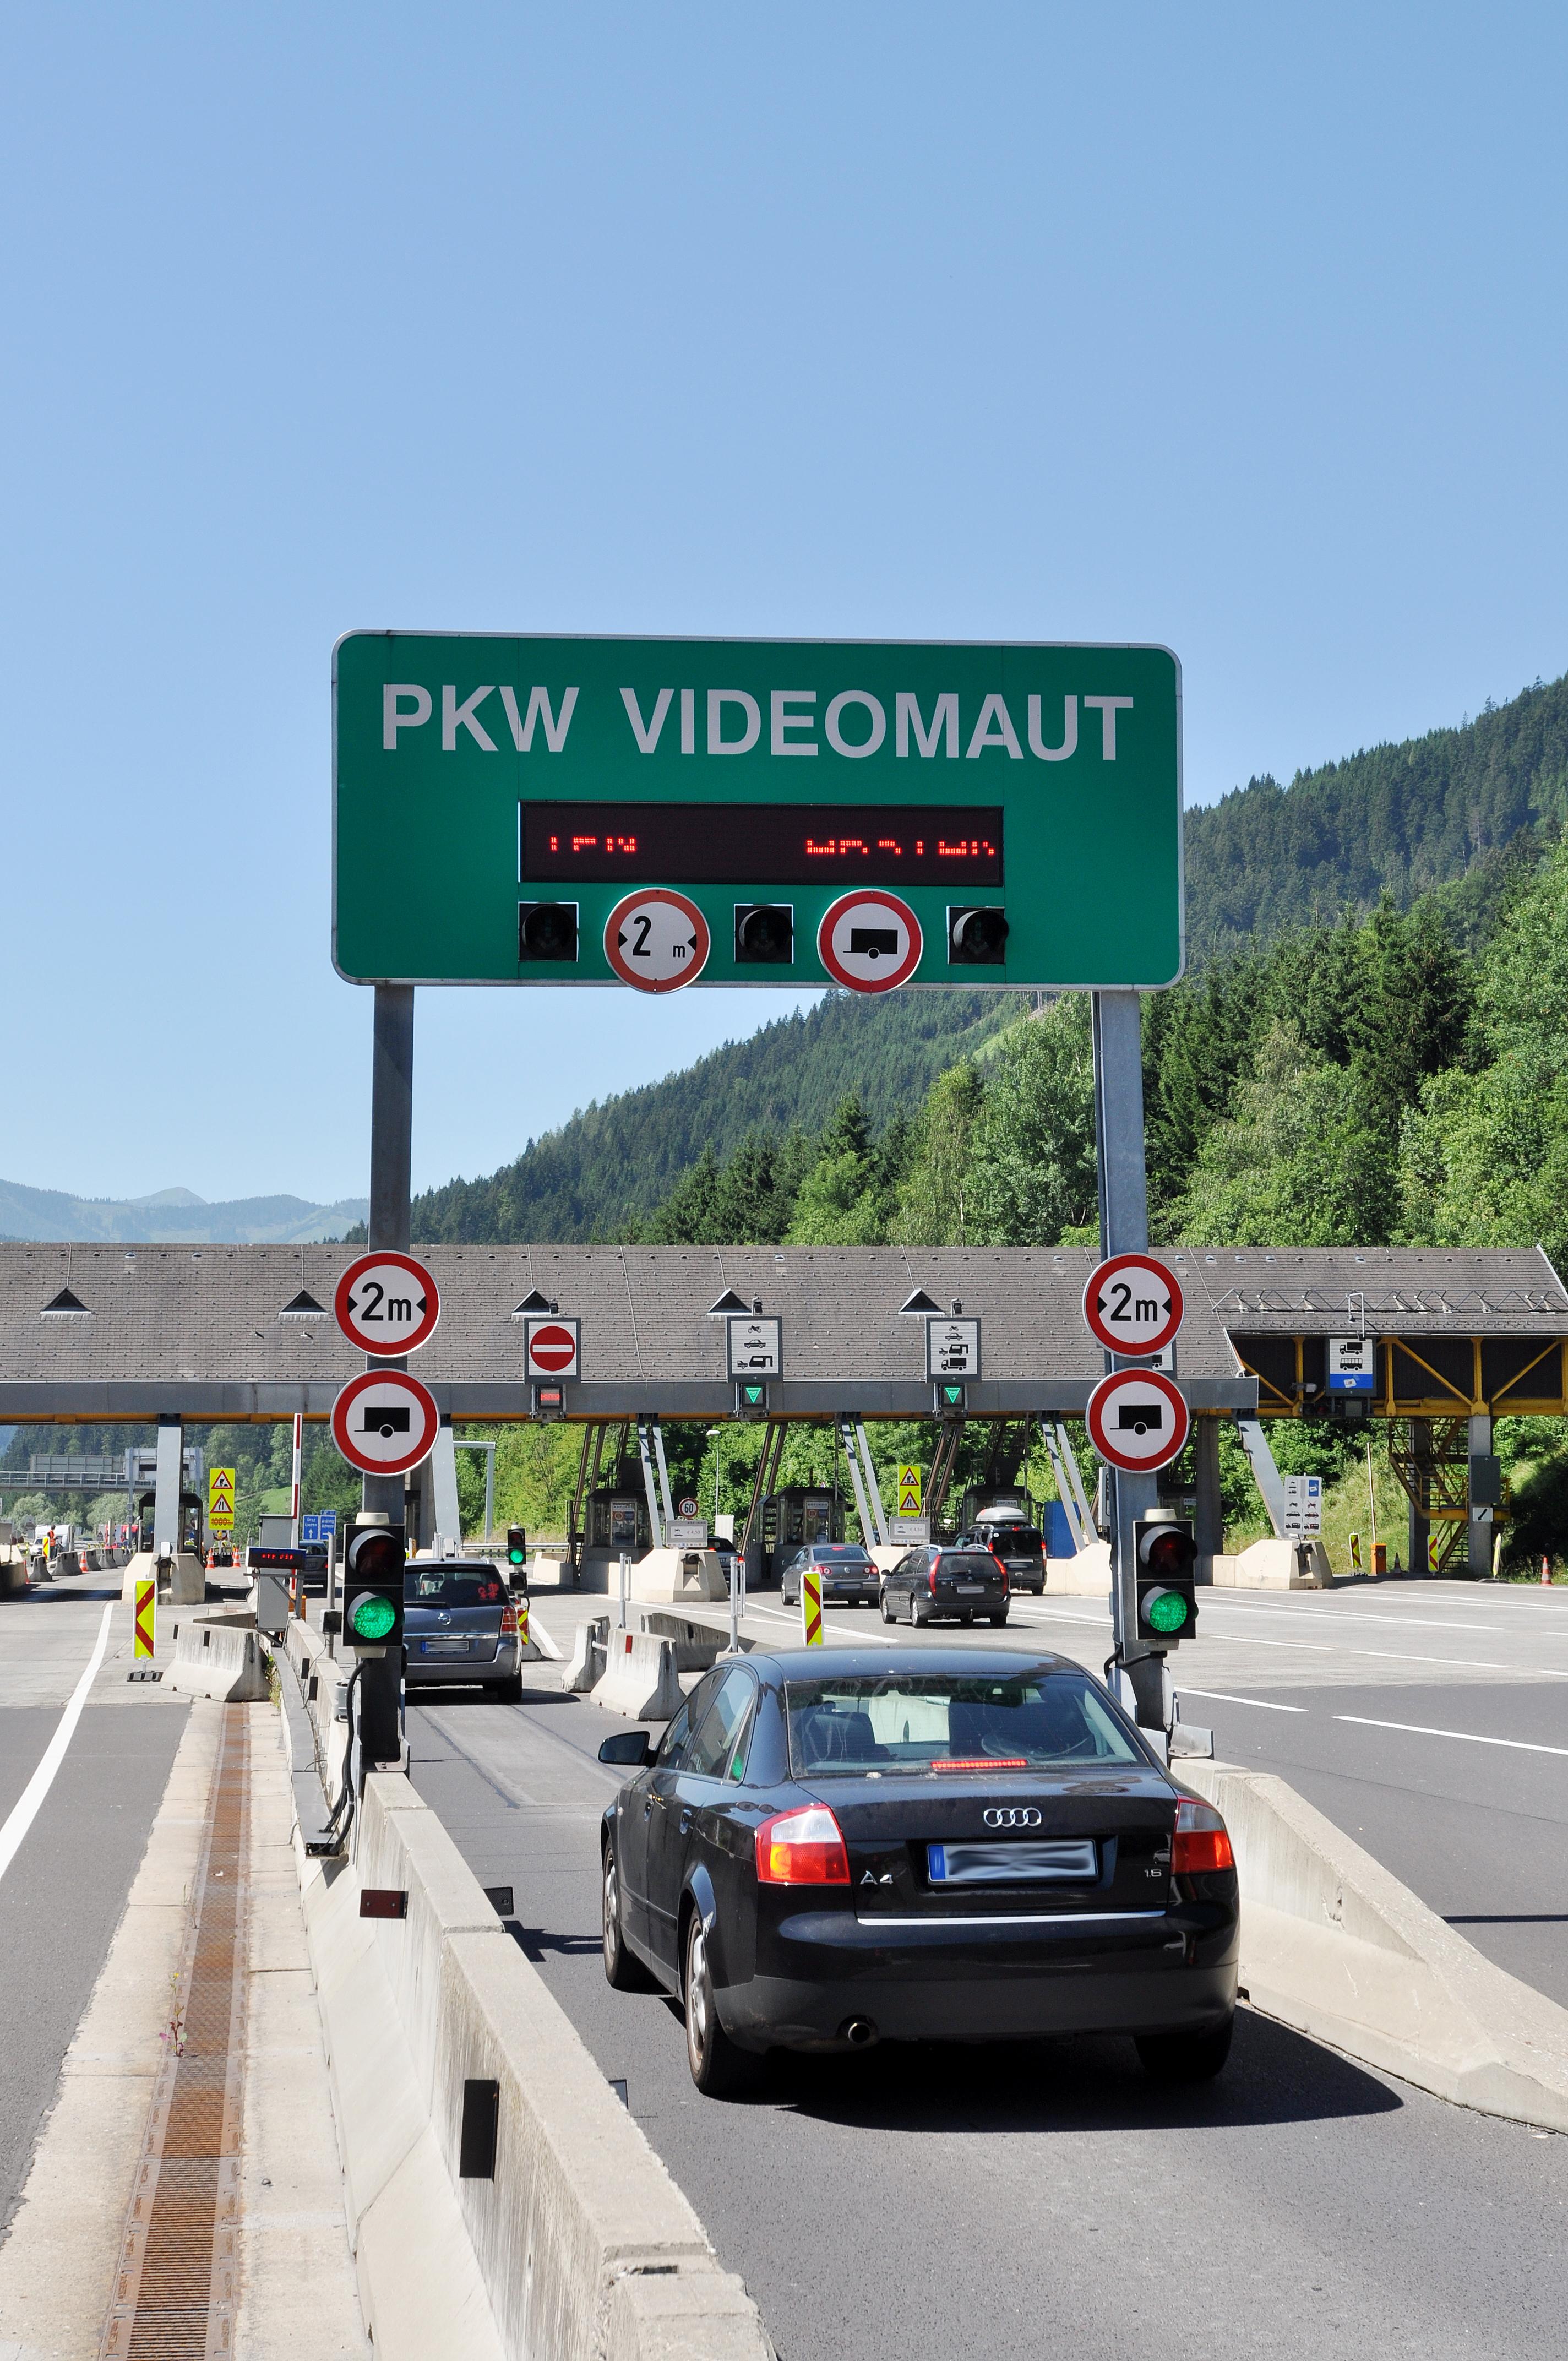 Mit der Jahresmautkarte sparen, mit der Videomaut mehr Komfort bei der Reise durch Österreich. Fotos: ASFINAG